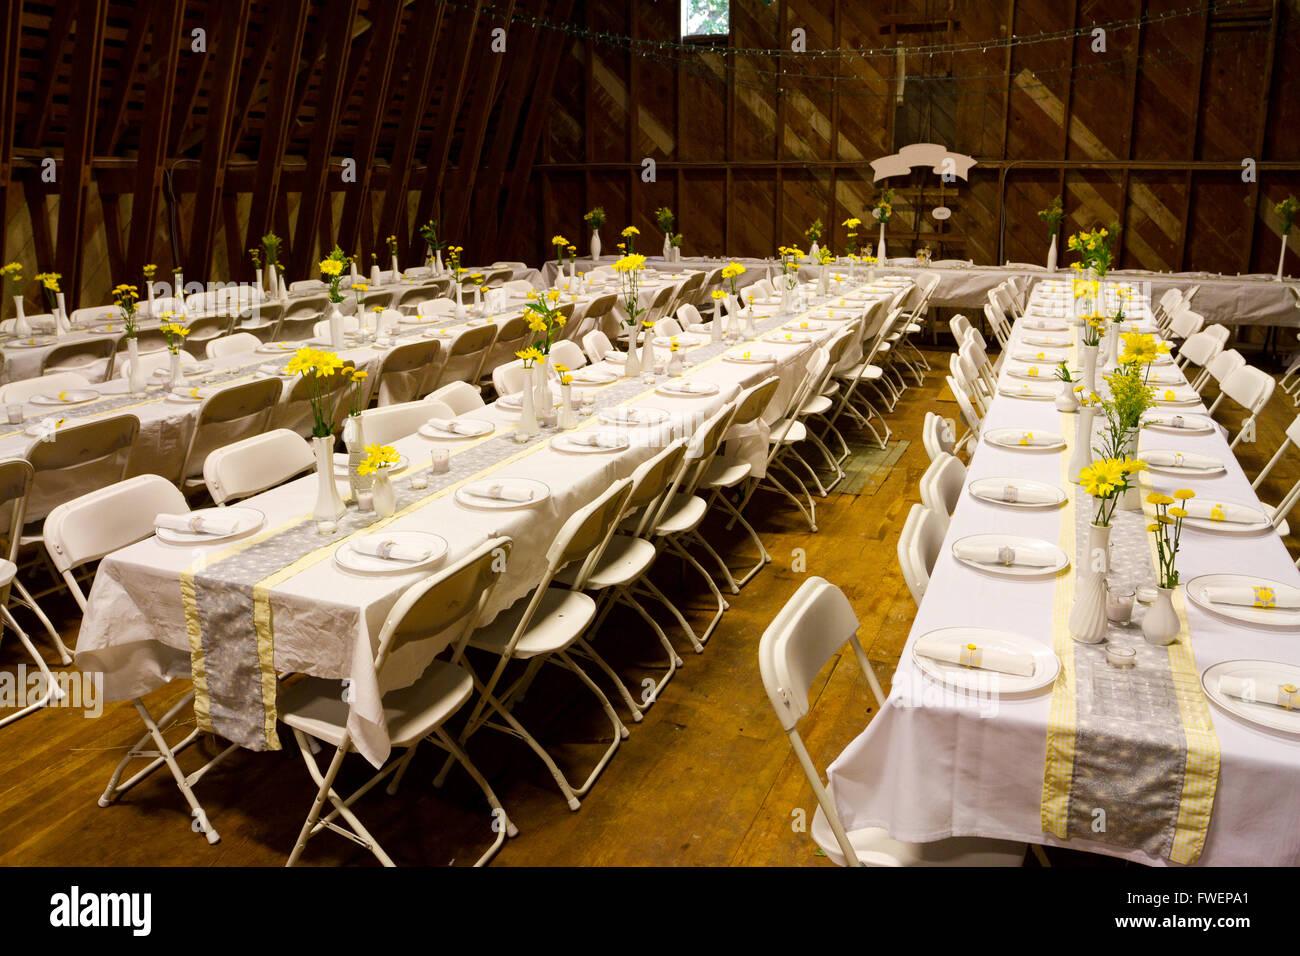 Tabellen Werden In Einer Alten Scheune Fur Eine Hochzeitsfeier Inkl